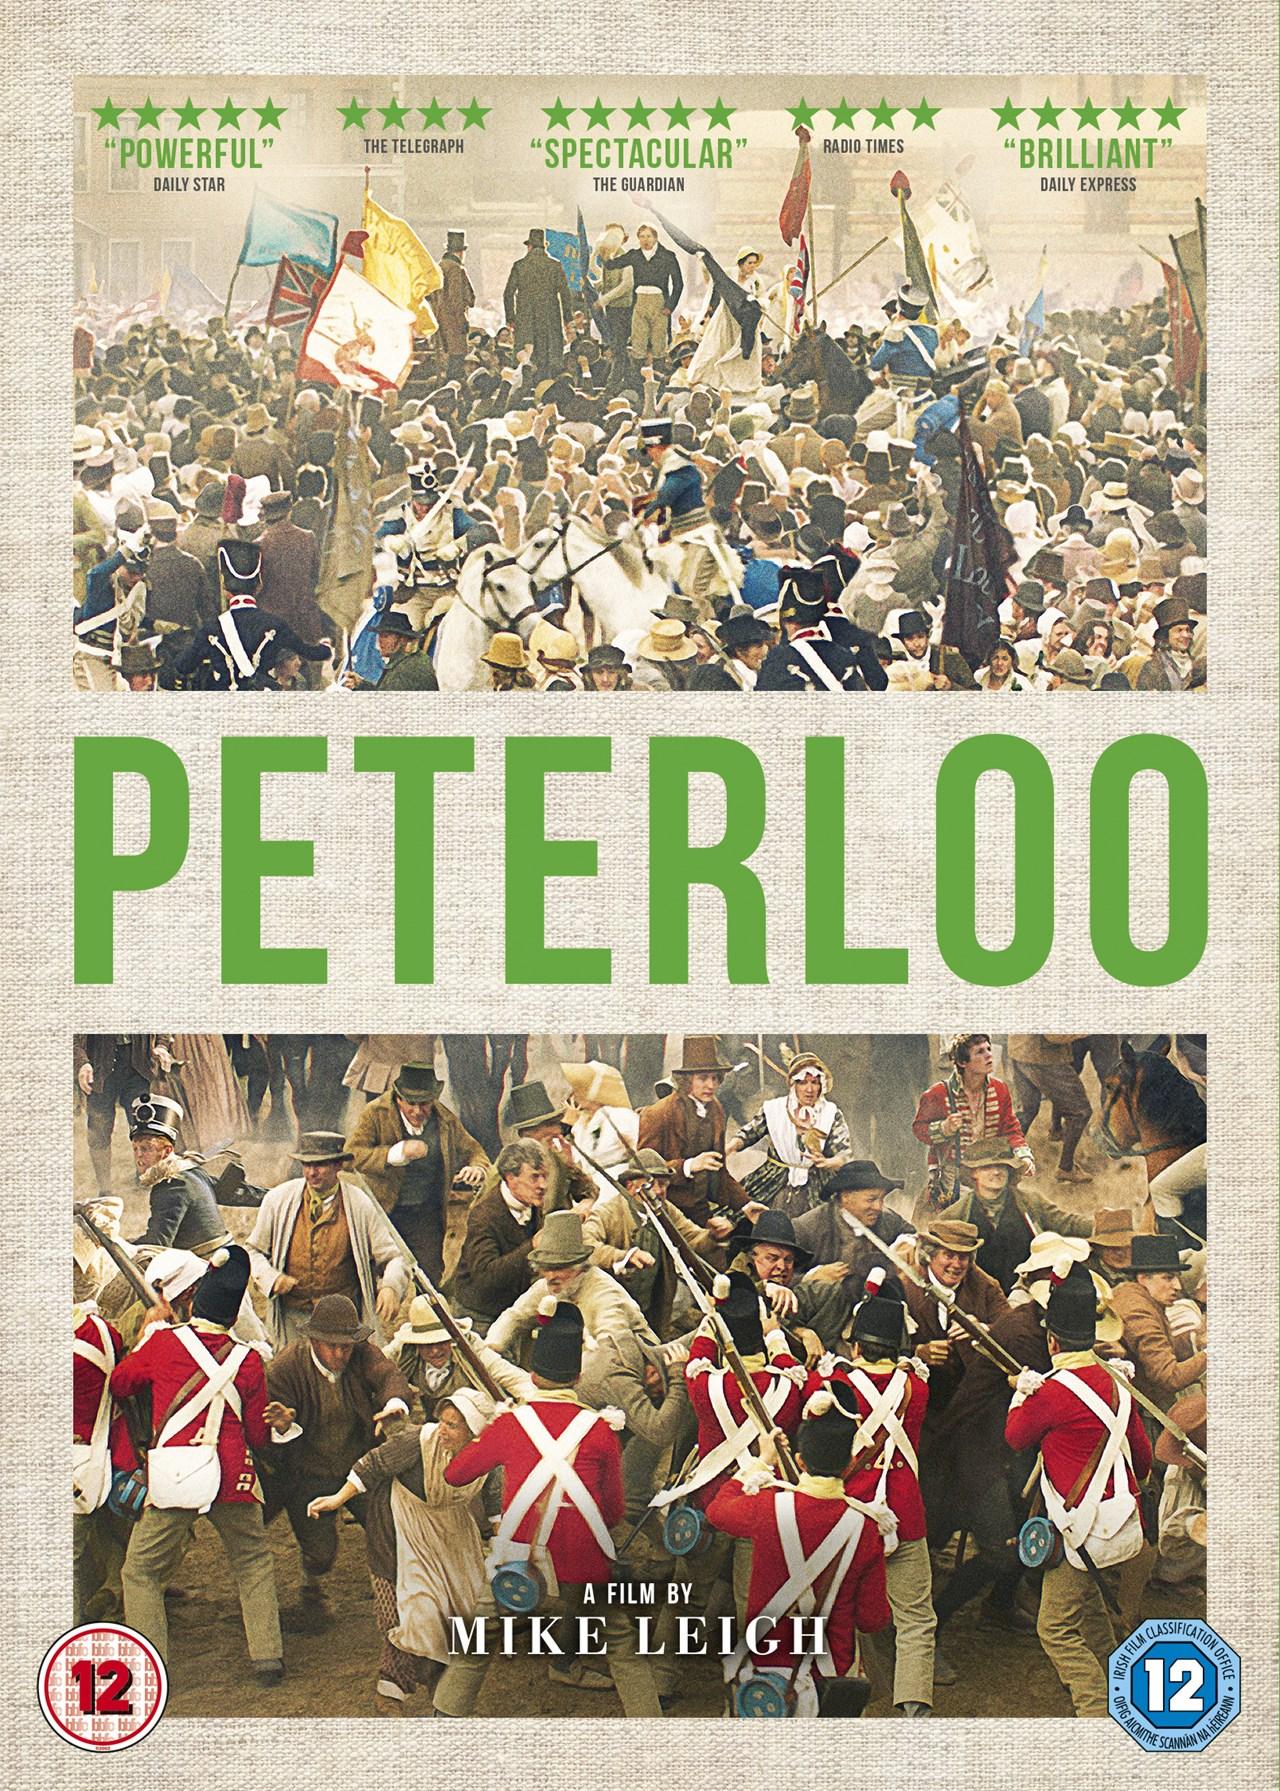 Peterloo - 1